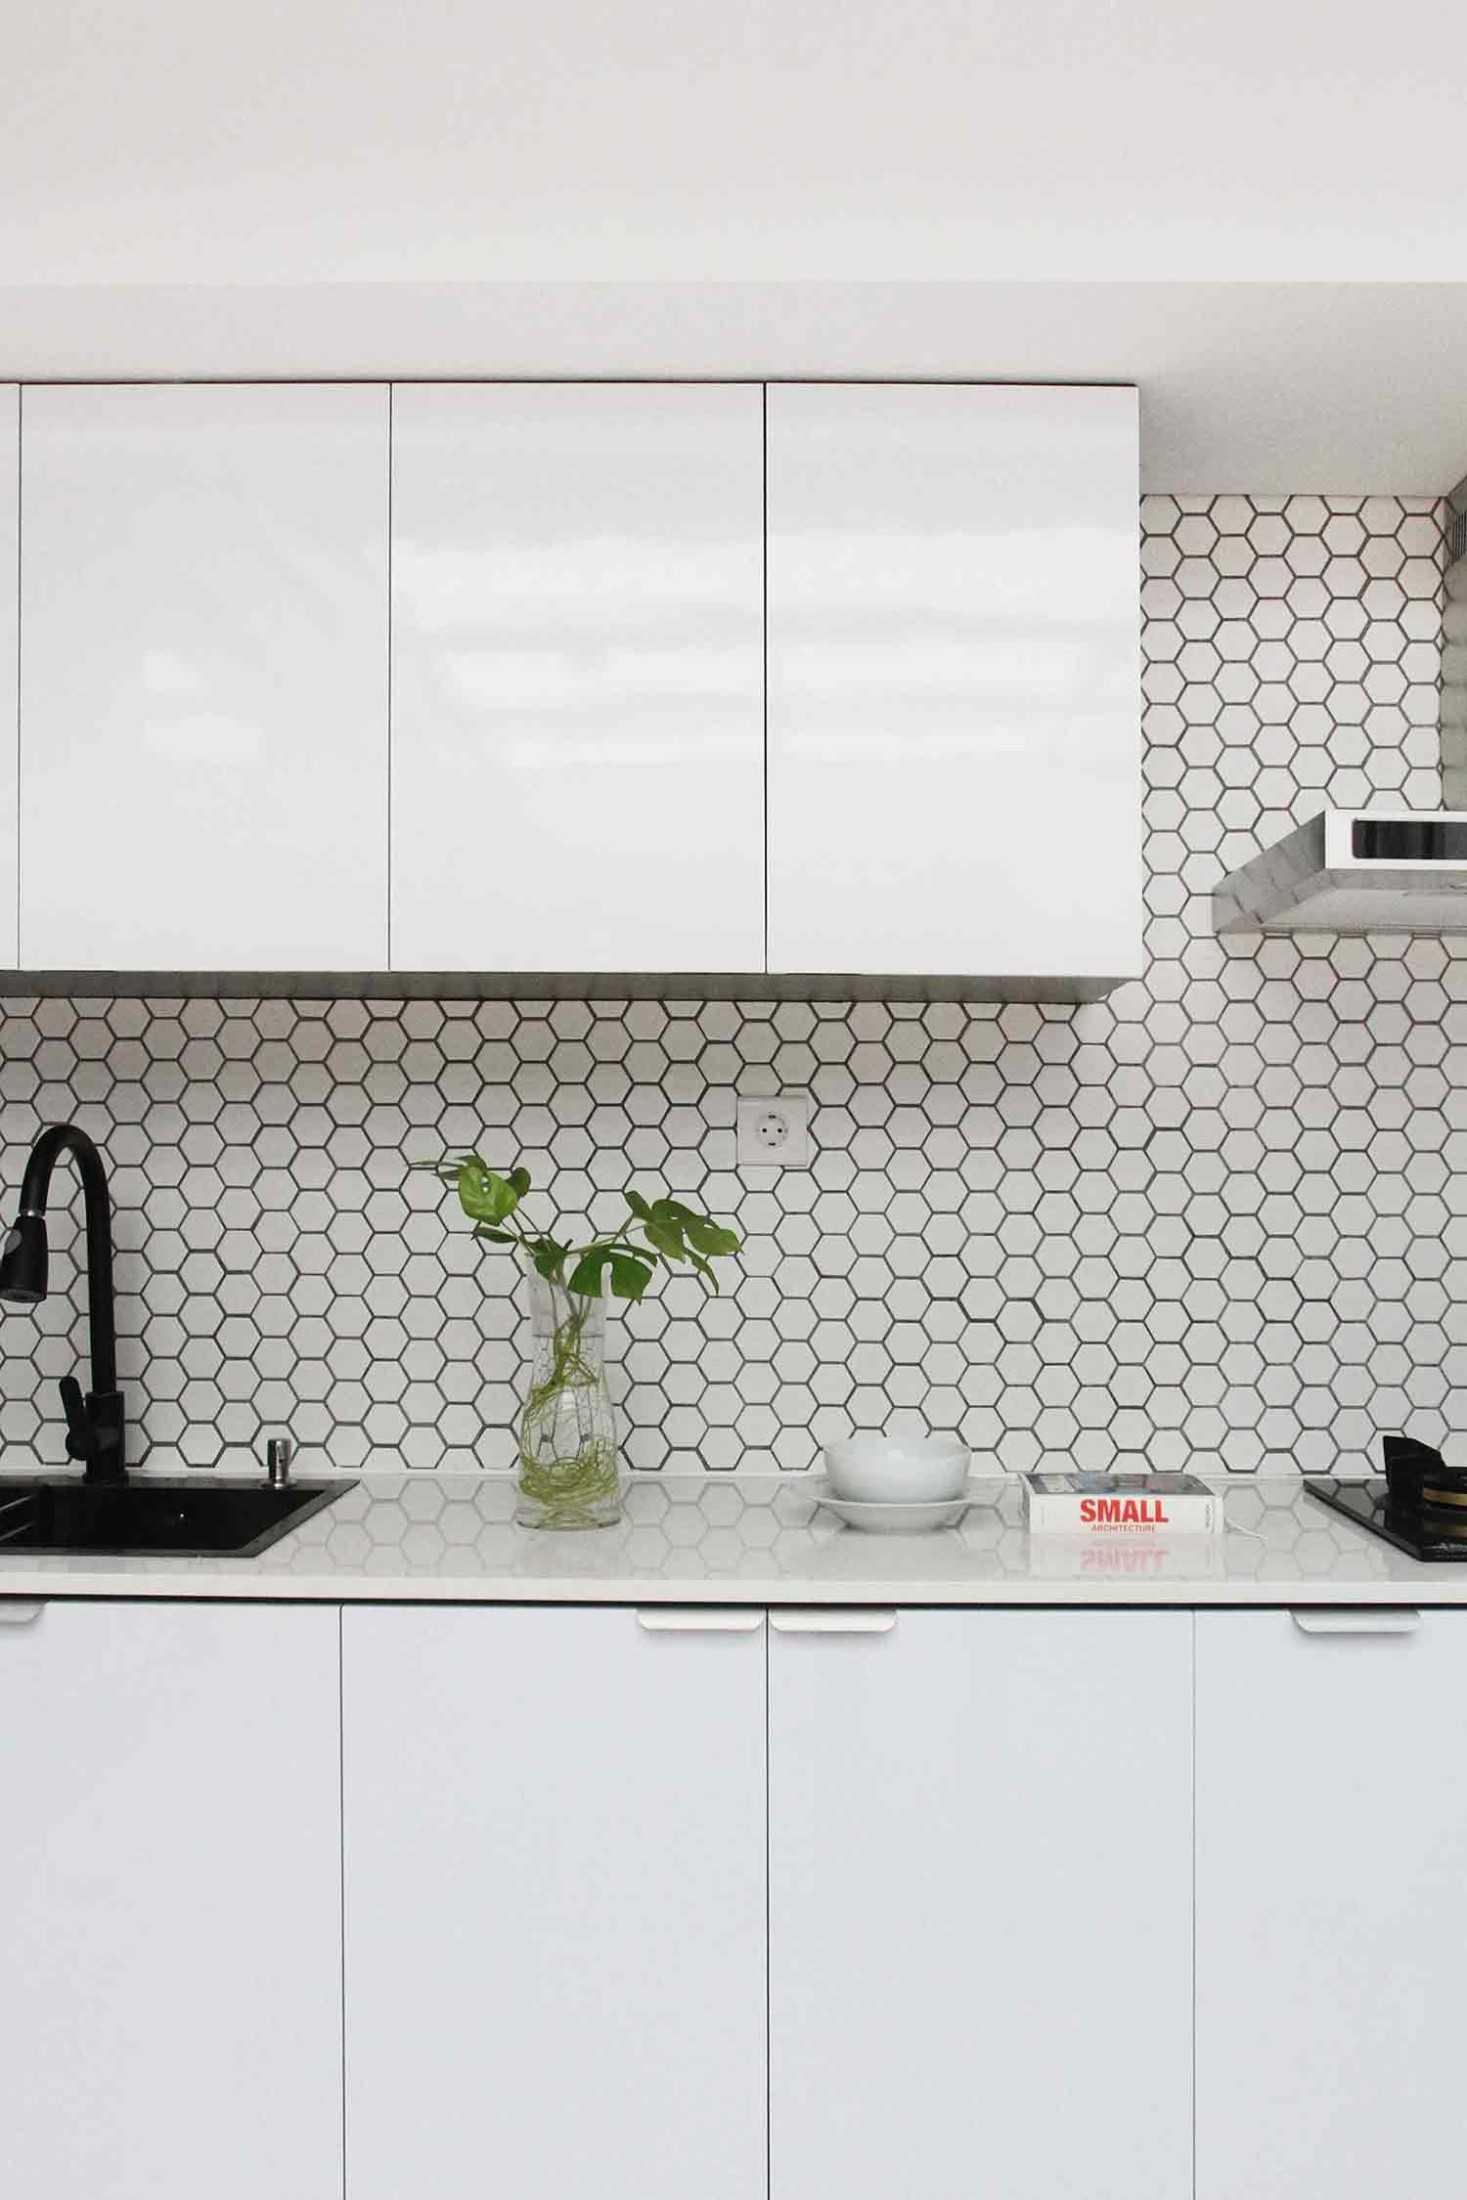 Keramik kaca backsplash di dapur karya arkitekt.id, via arsitag.com